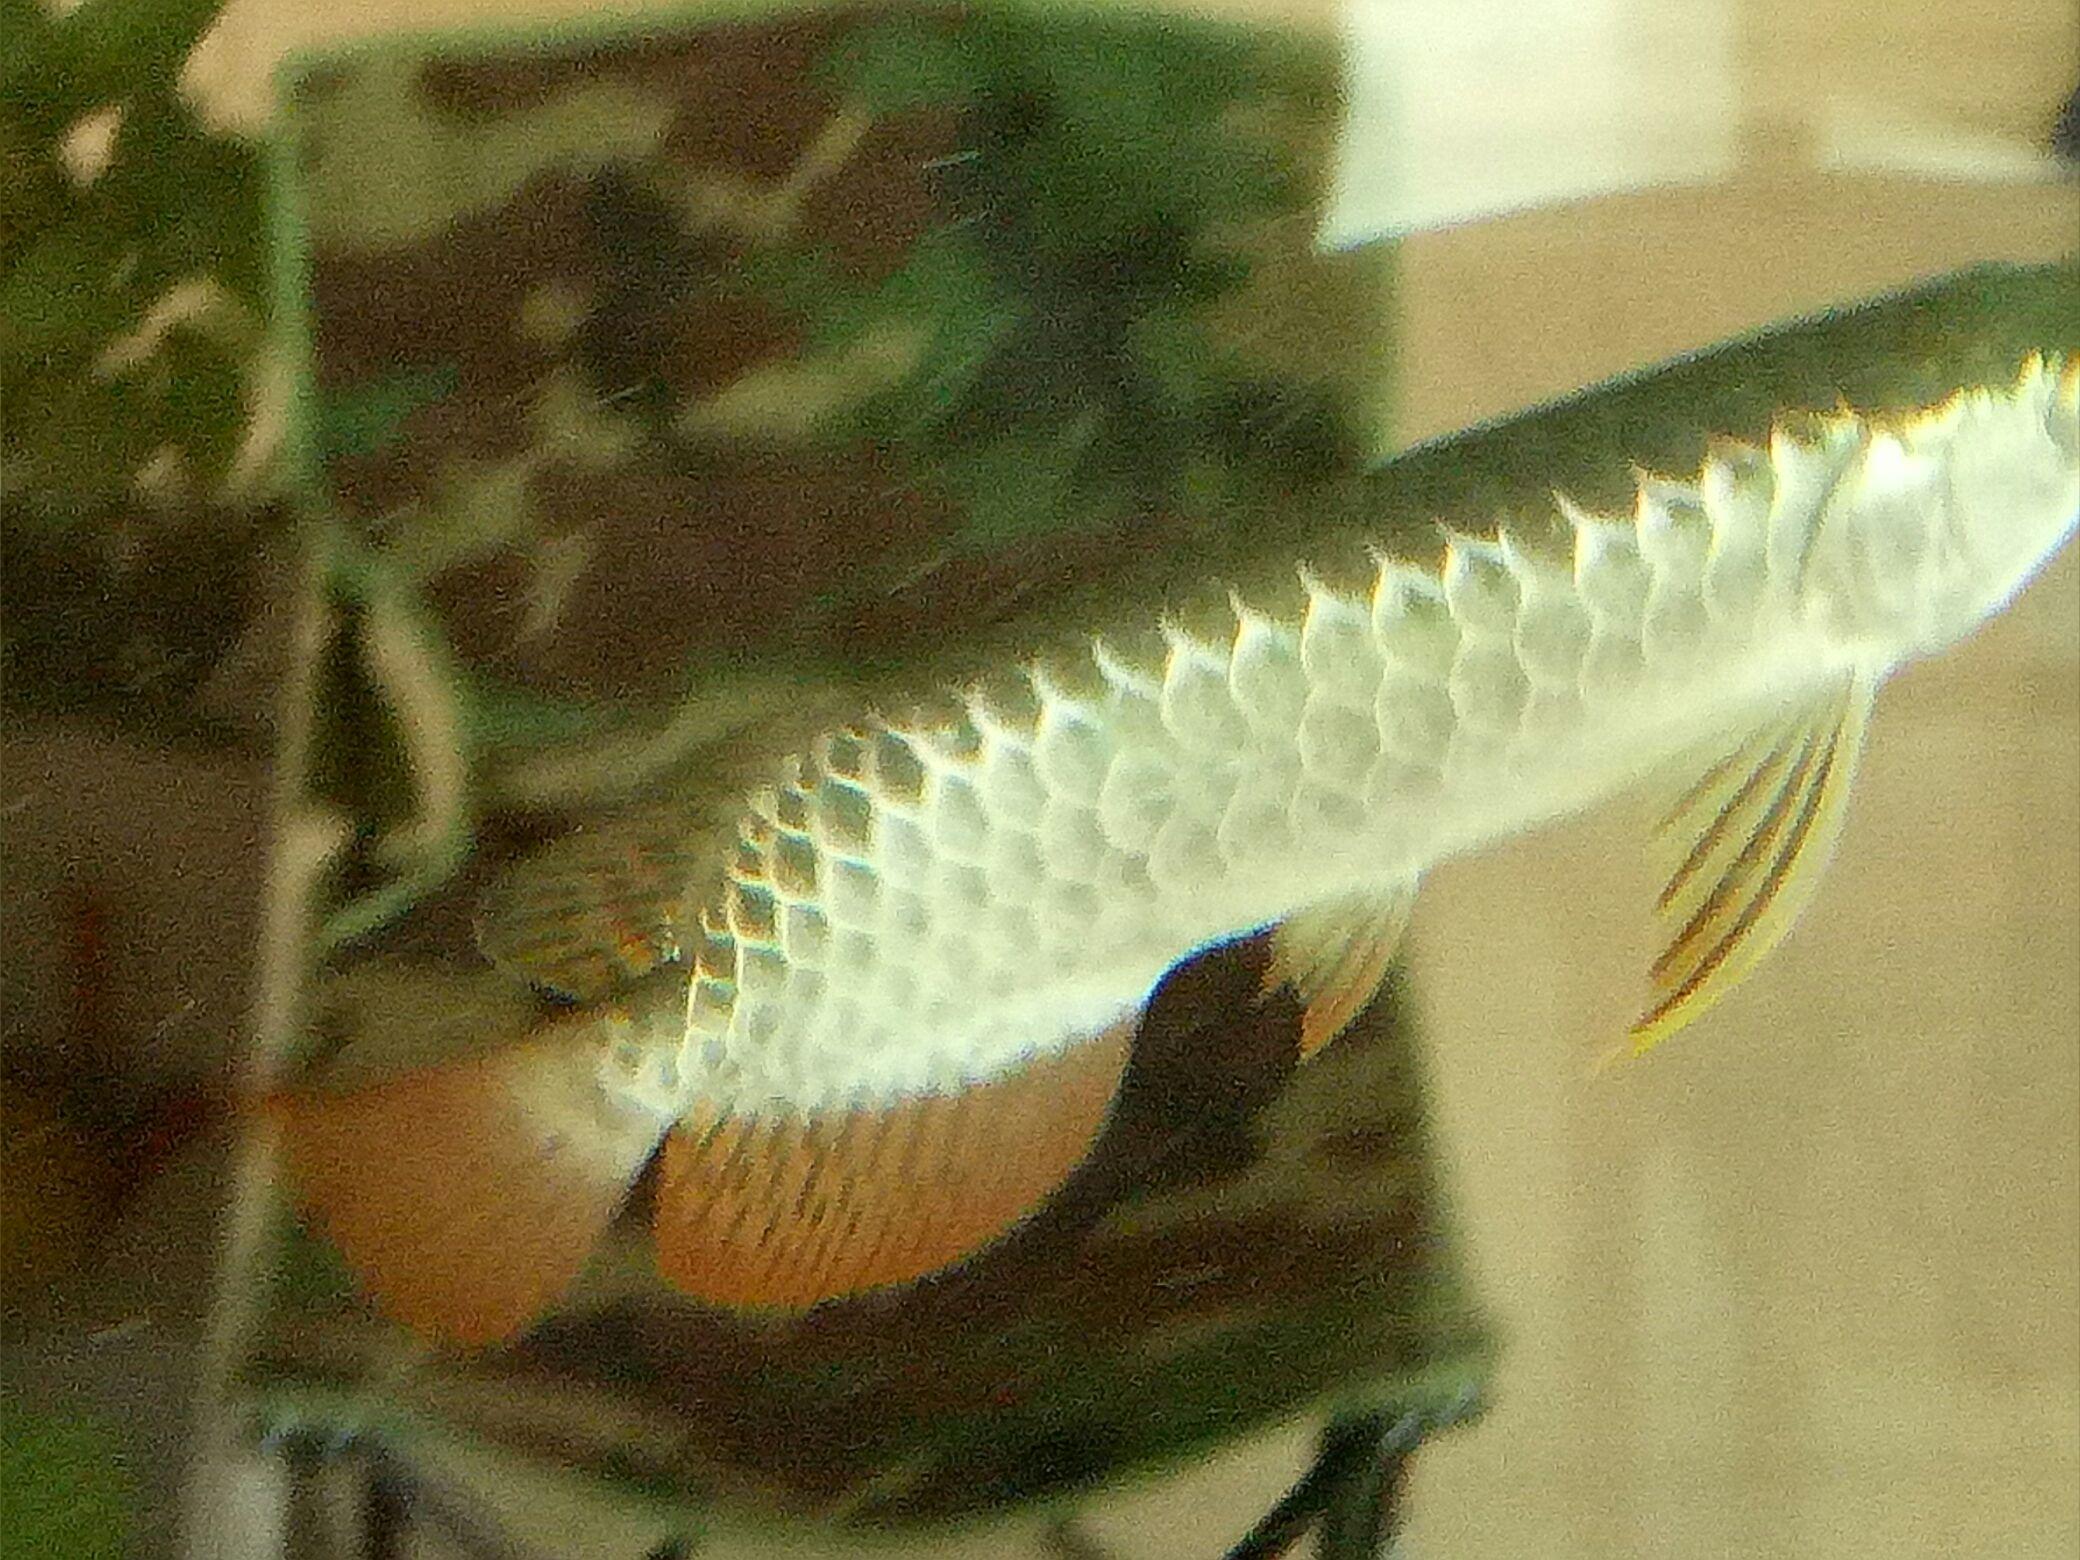 蓝底过背金龙 西安观赏鱼信息 西安博特第1张